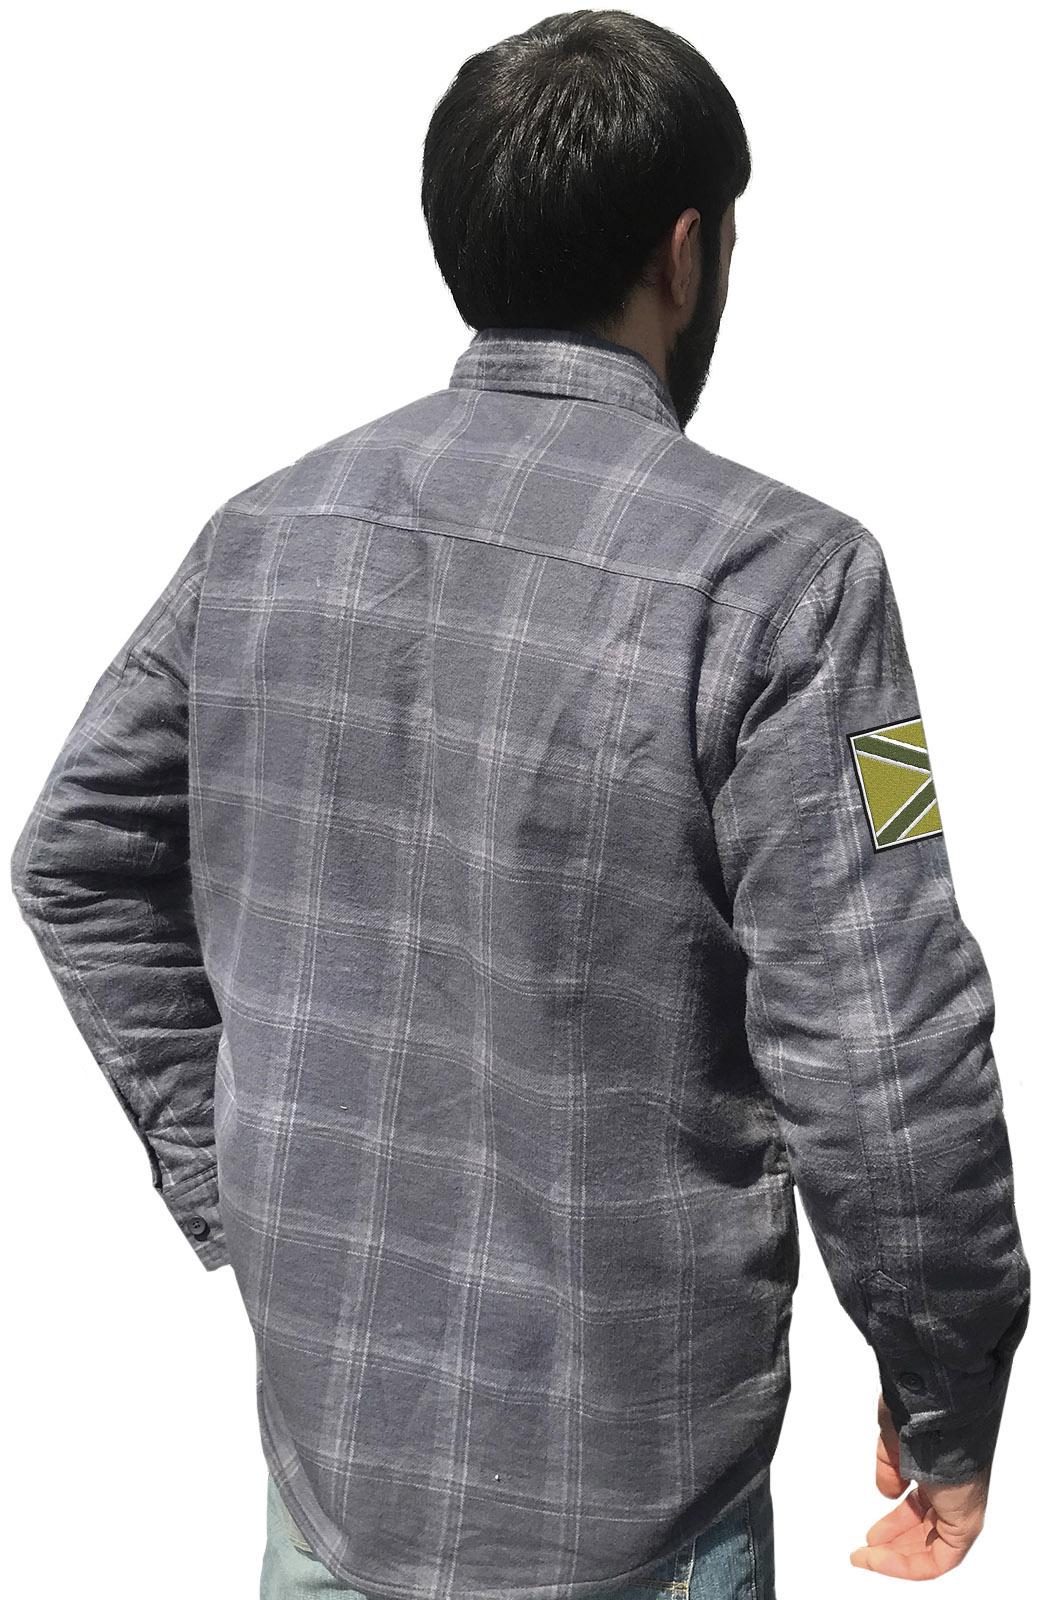 Купить стильную клетчатую рубашку с вышитым полевым шевроном Новороссия в подарок другу